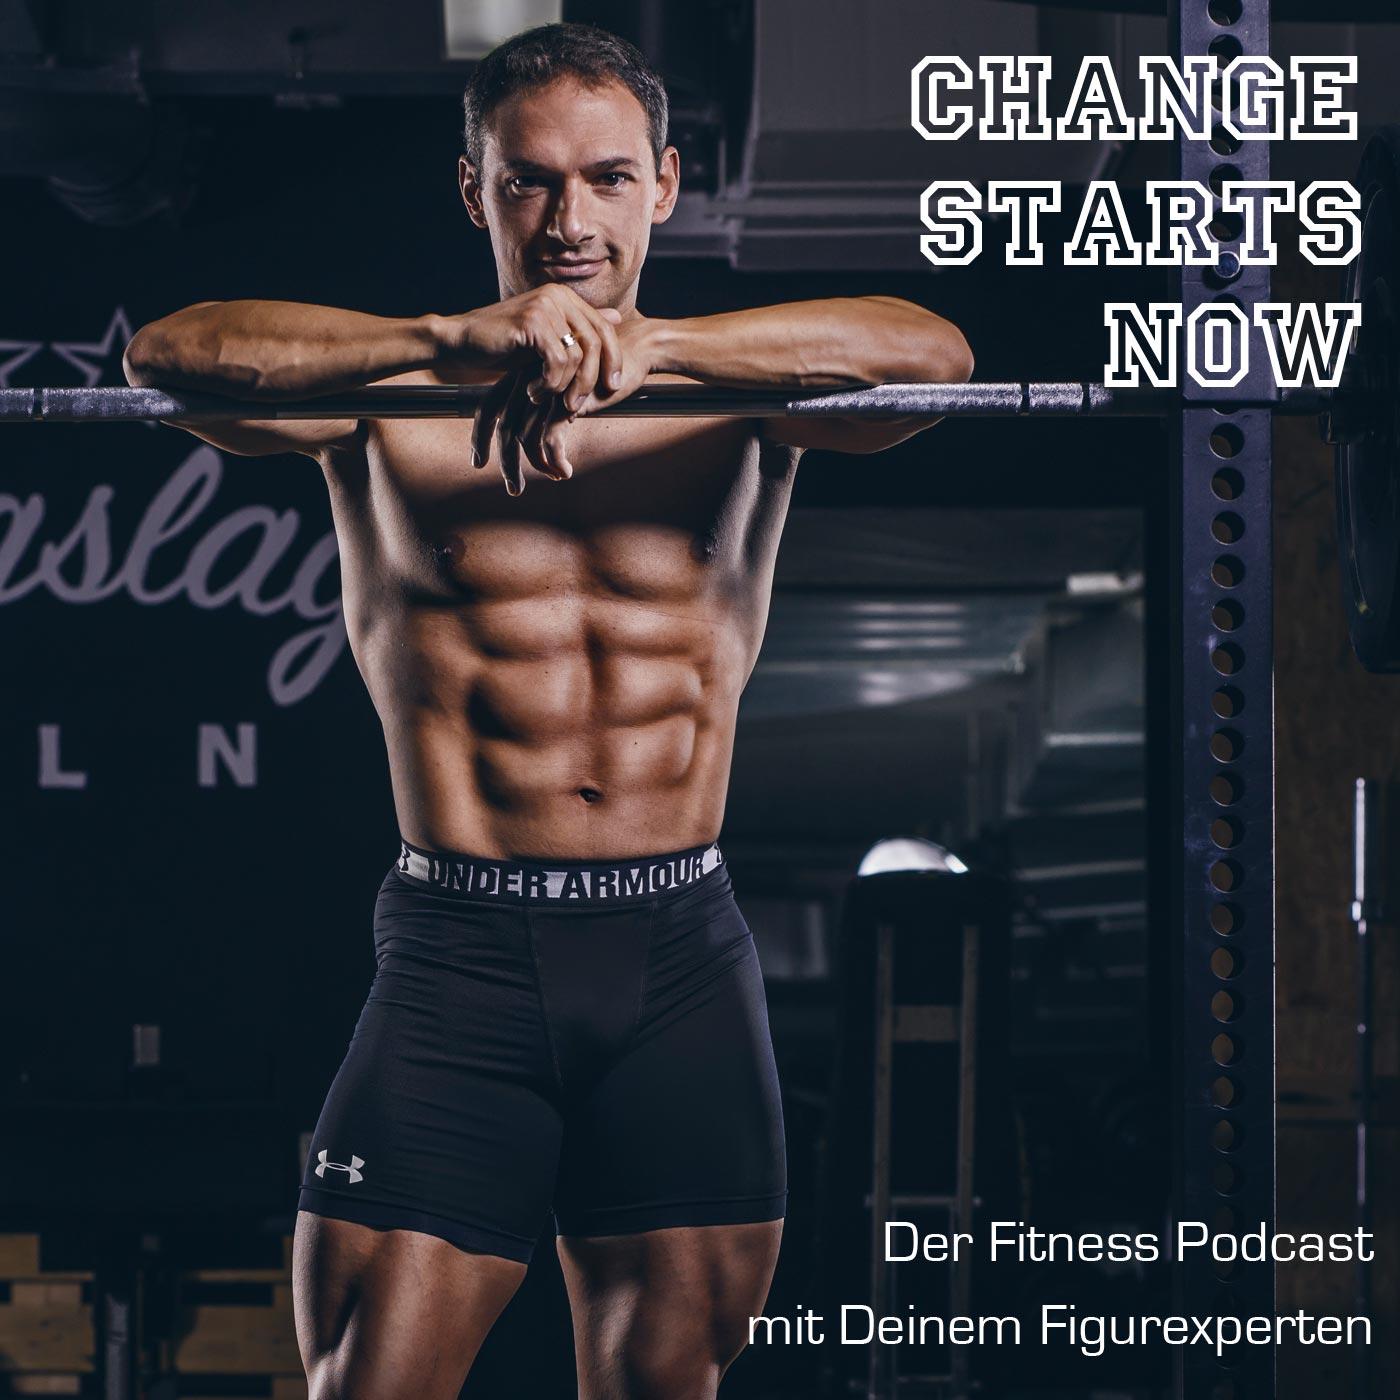 CHANGE STARTS NOW - Der Fitness-Podcast mit Deinem Figurexperten - FITNESS l ERNÄHRUNG l MENTALTRAINING